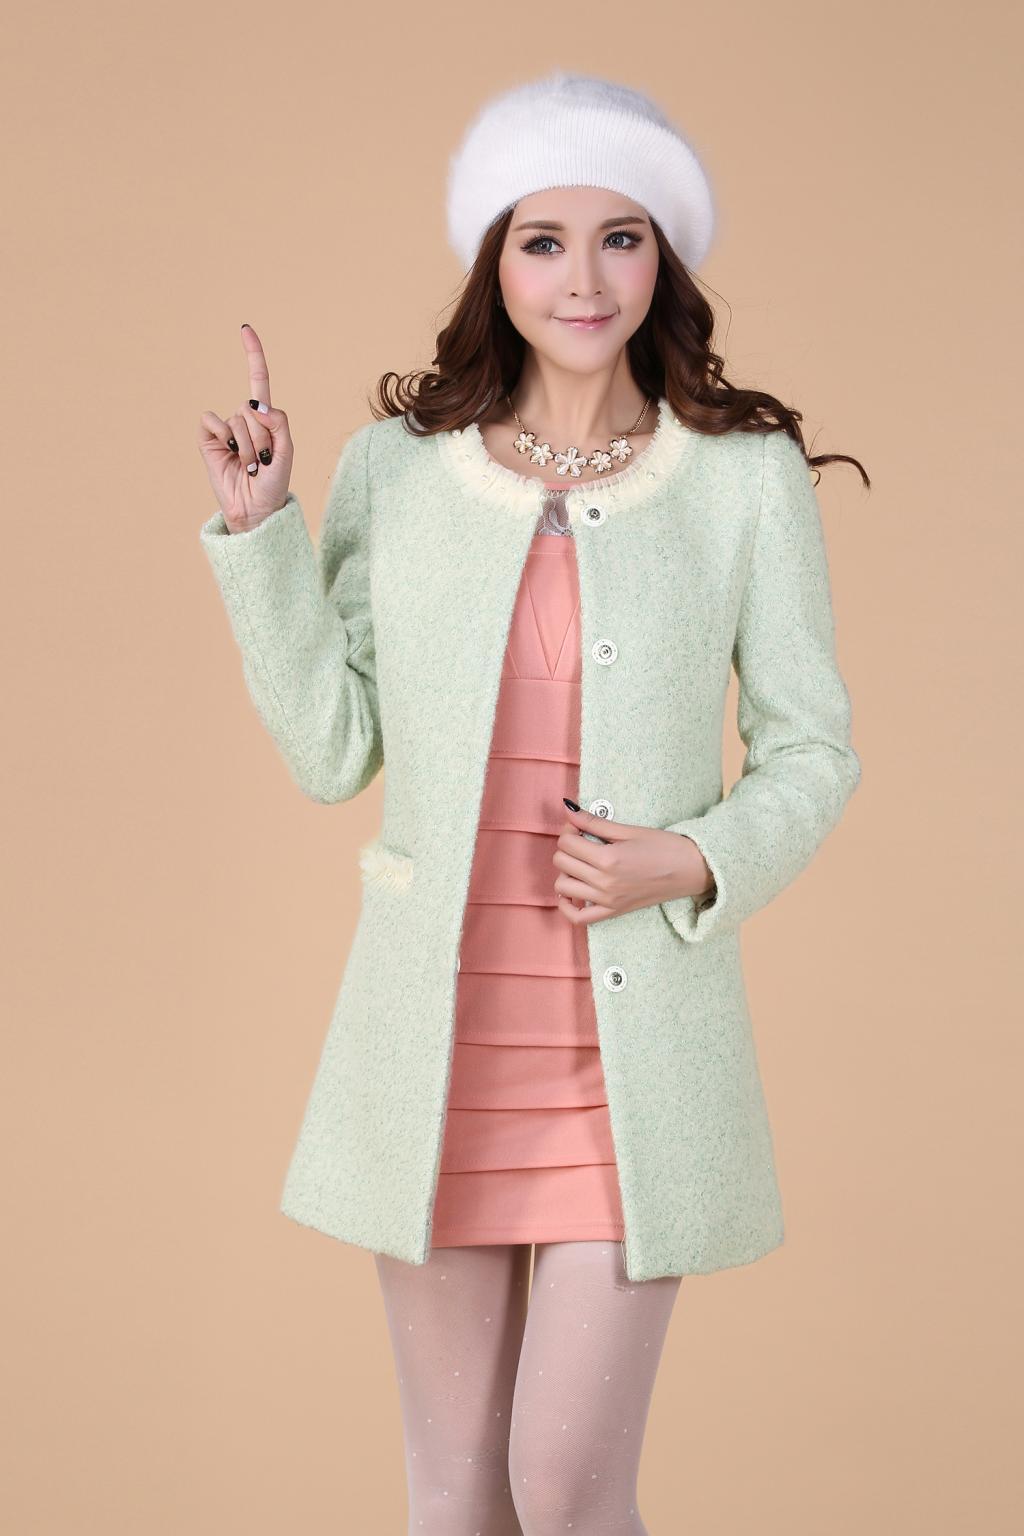 женское пальто Magazine Philippines kf8802 2013 Magazine Philippines